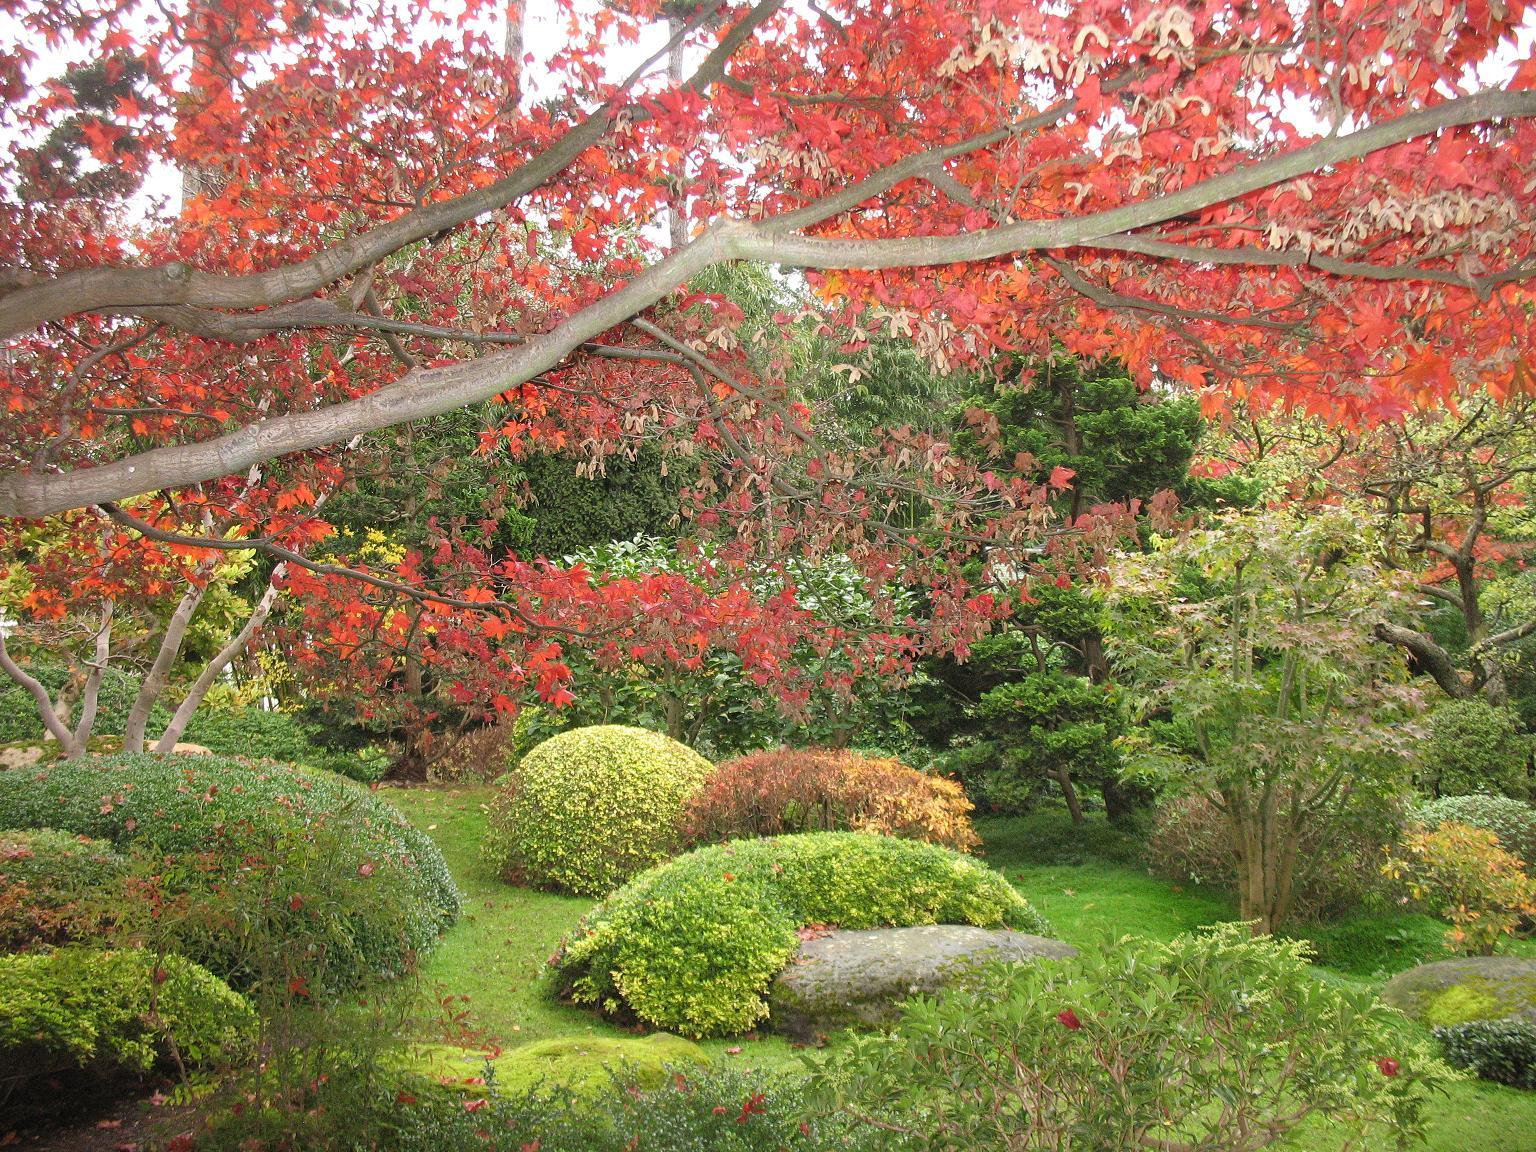 Le blog de parcs et jardins de l 39 oise le jardin albert - Les jardins albert kahn ...